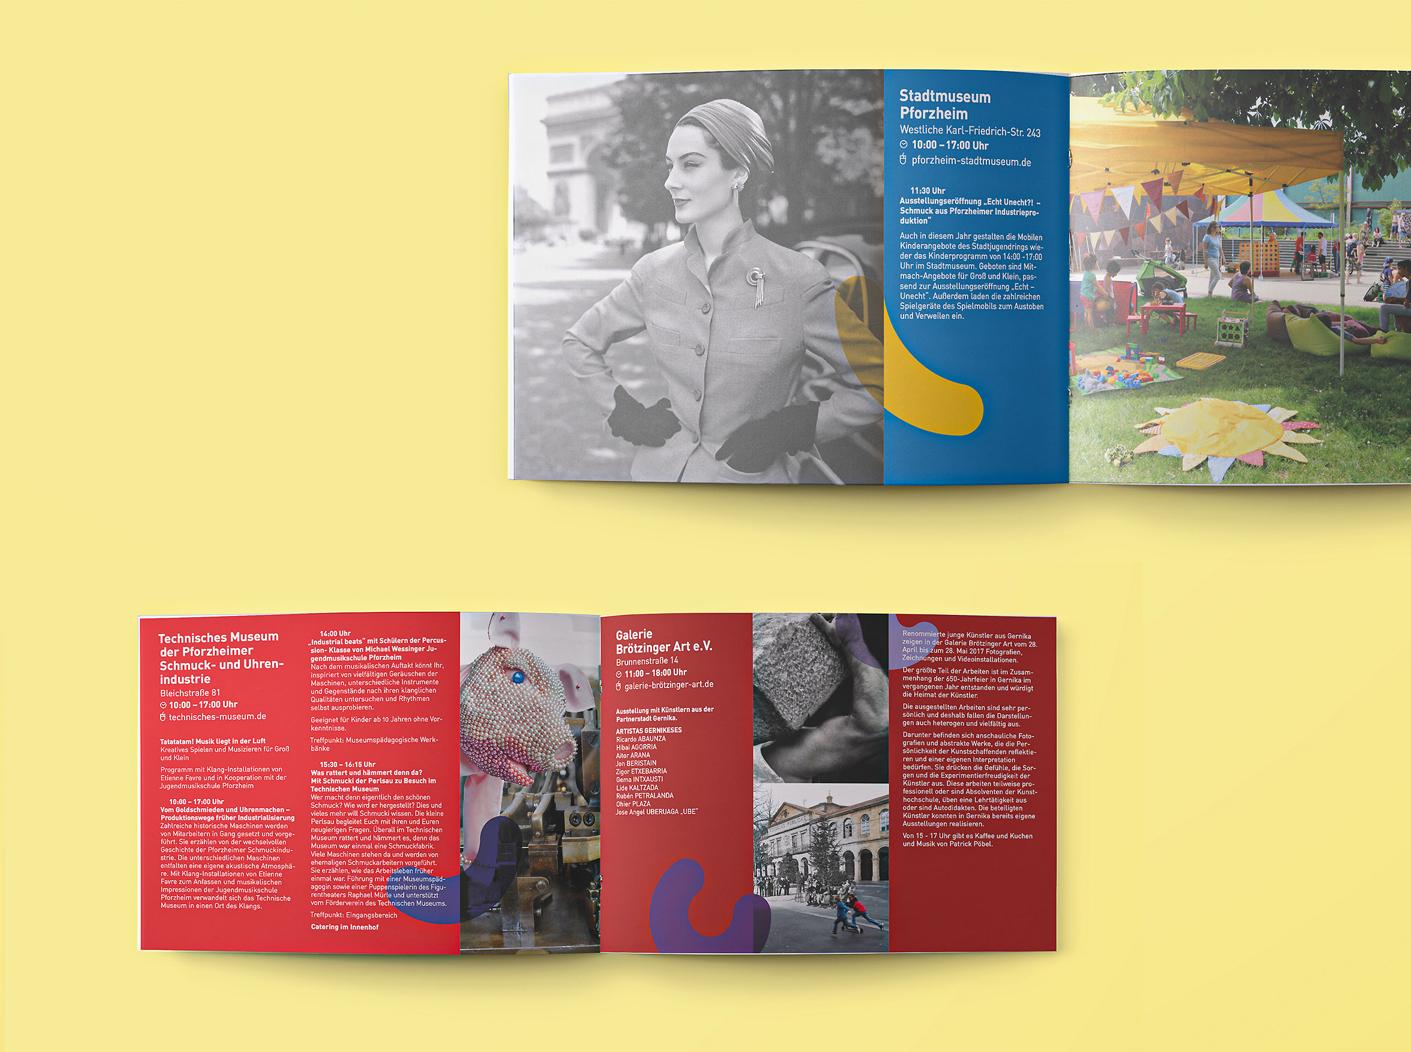 2DMBO-Studio-für-Gestaltung-Internationaler-museumstag-pforzheim